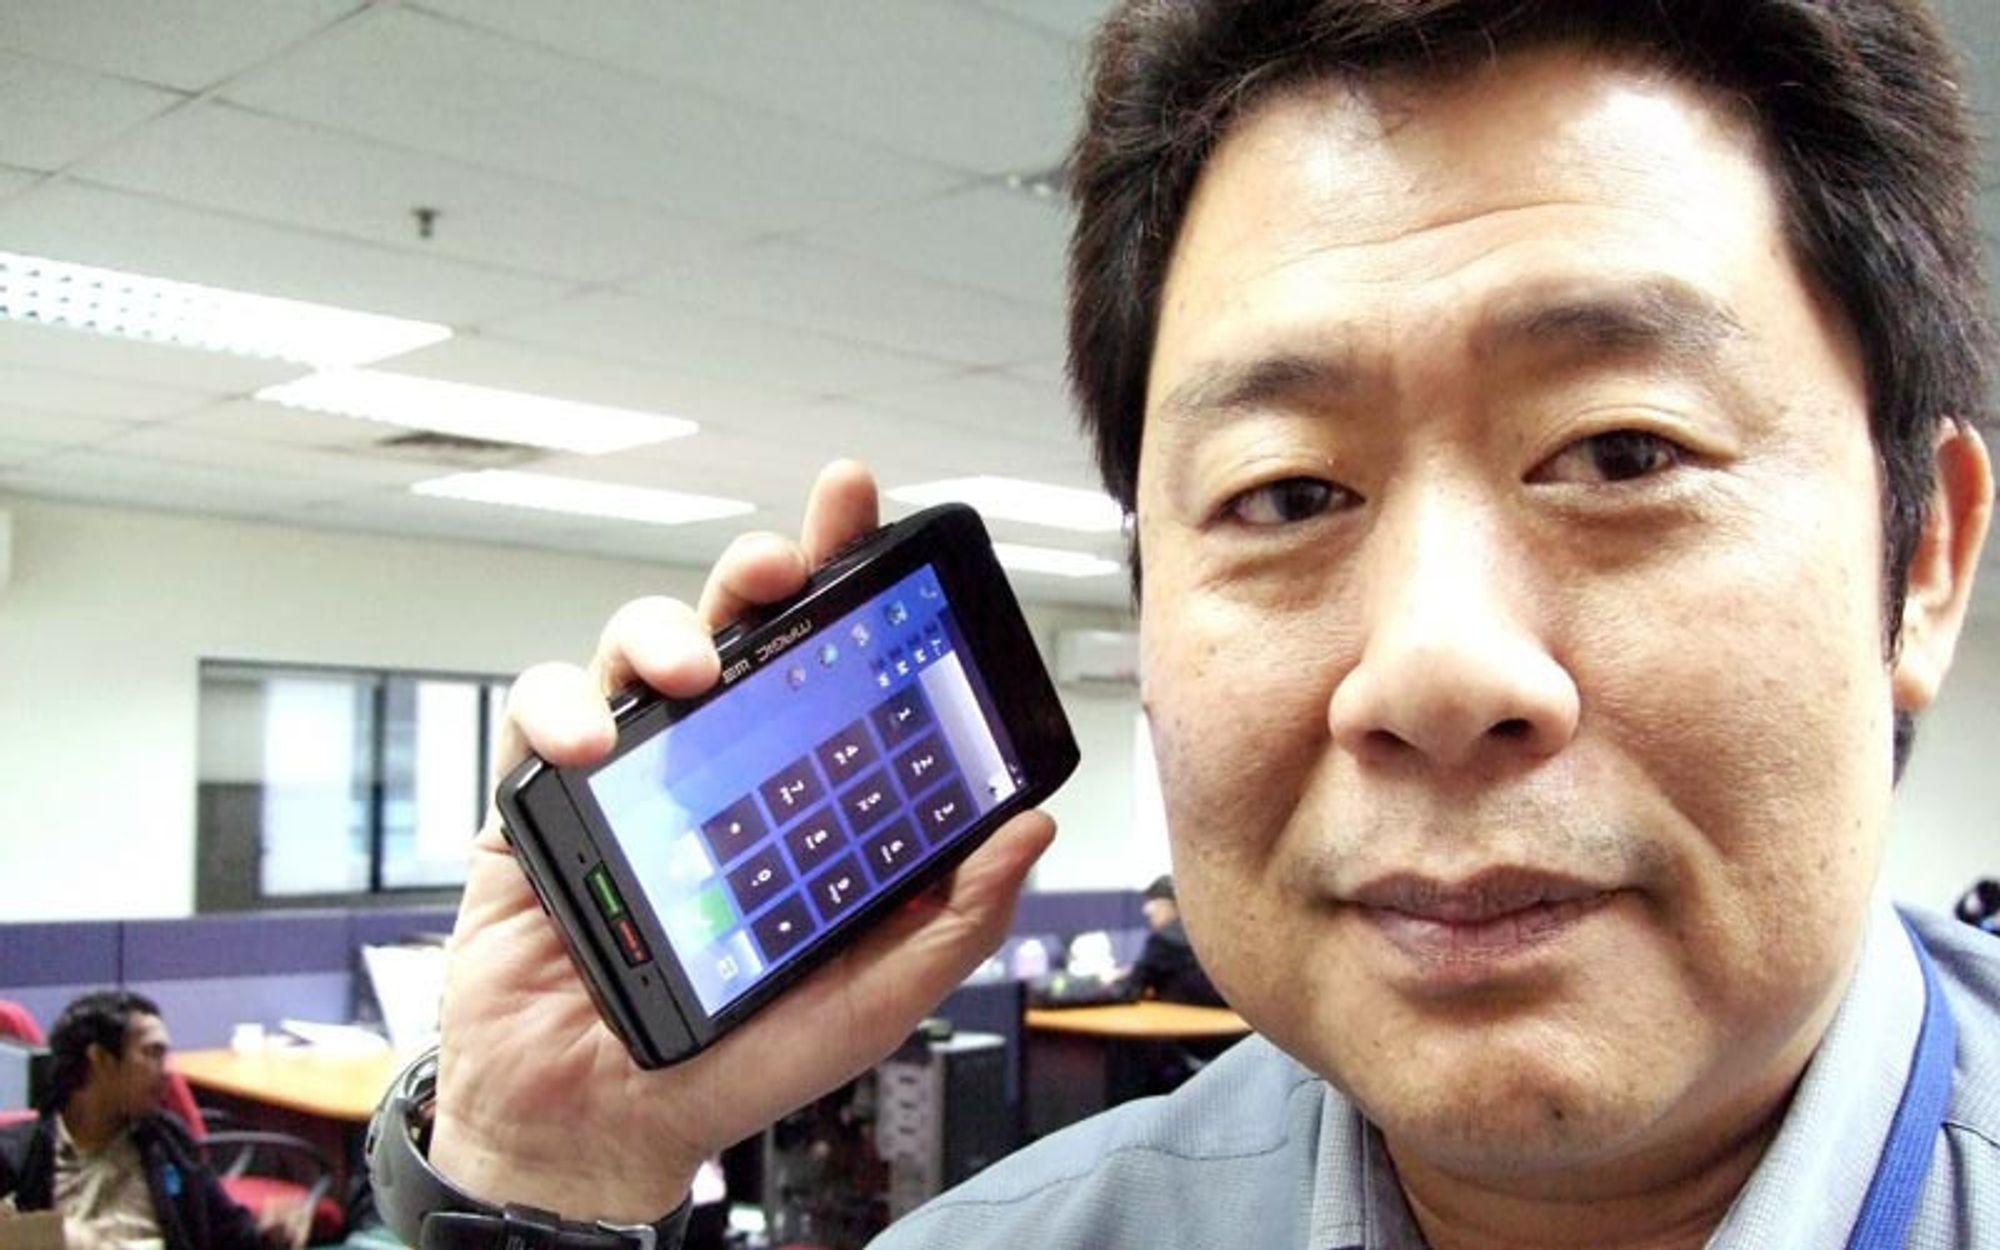 Denne mobilen kjører Windows 7